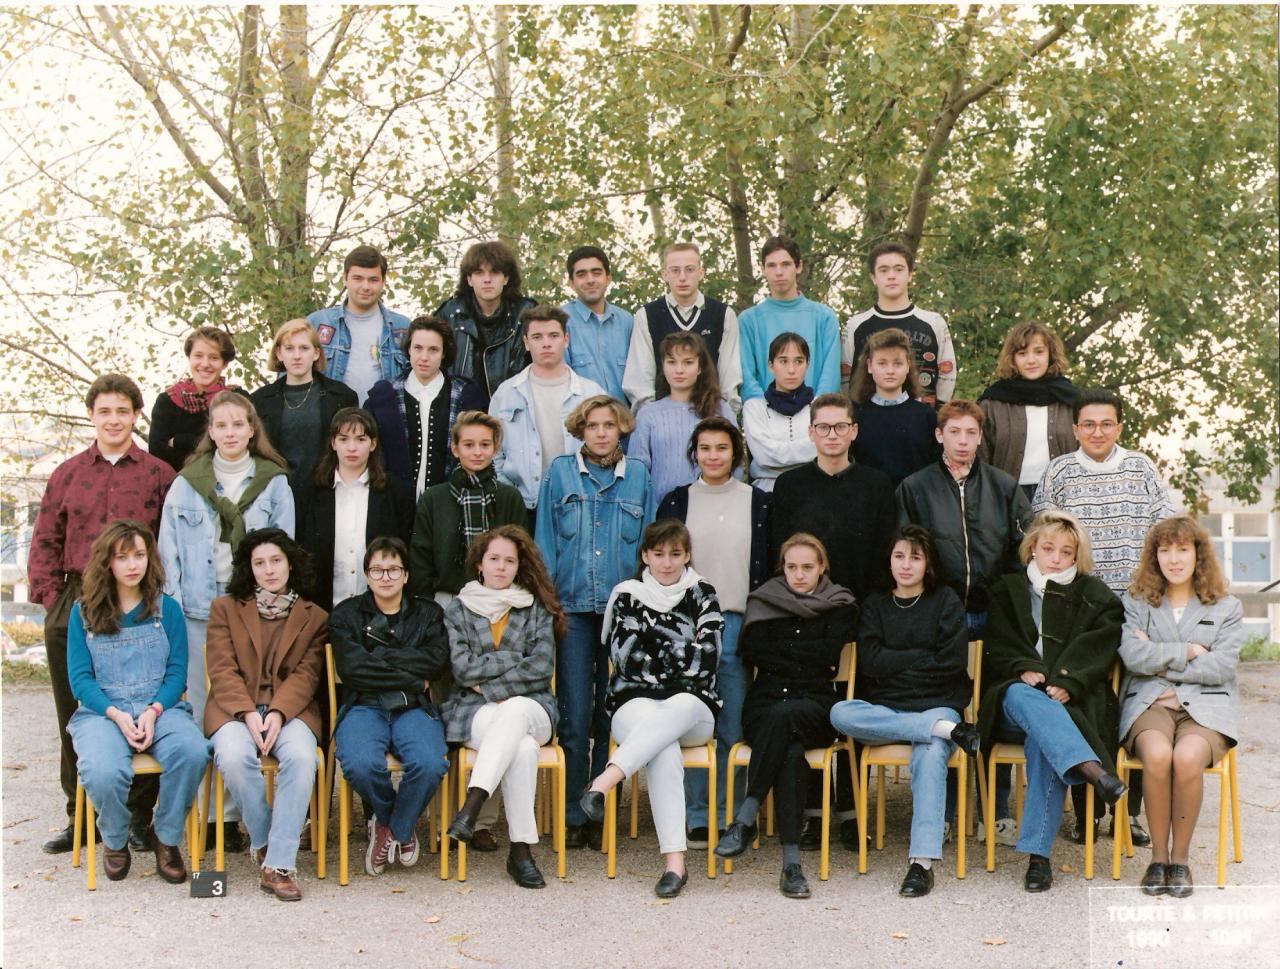 1991 - T B3